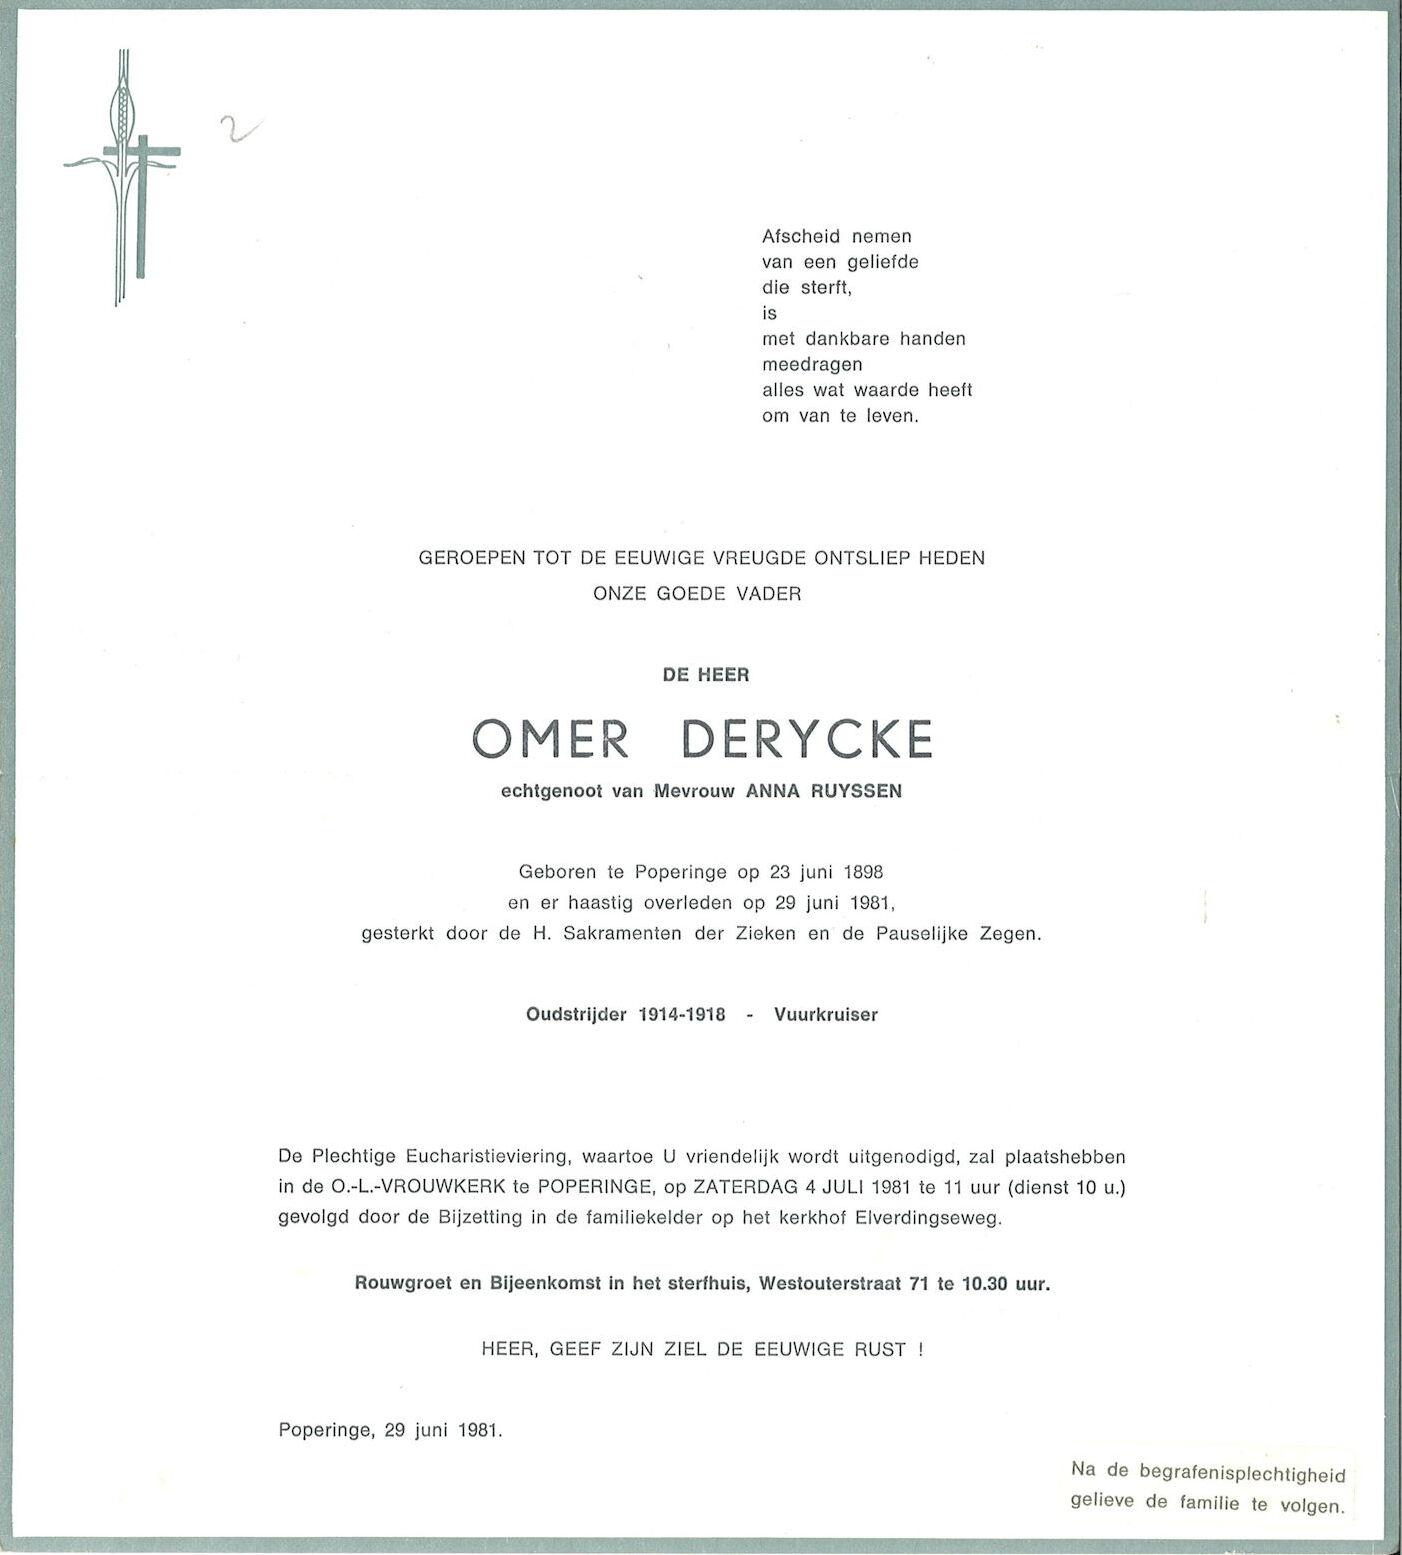 Omer Derycke